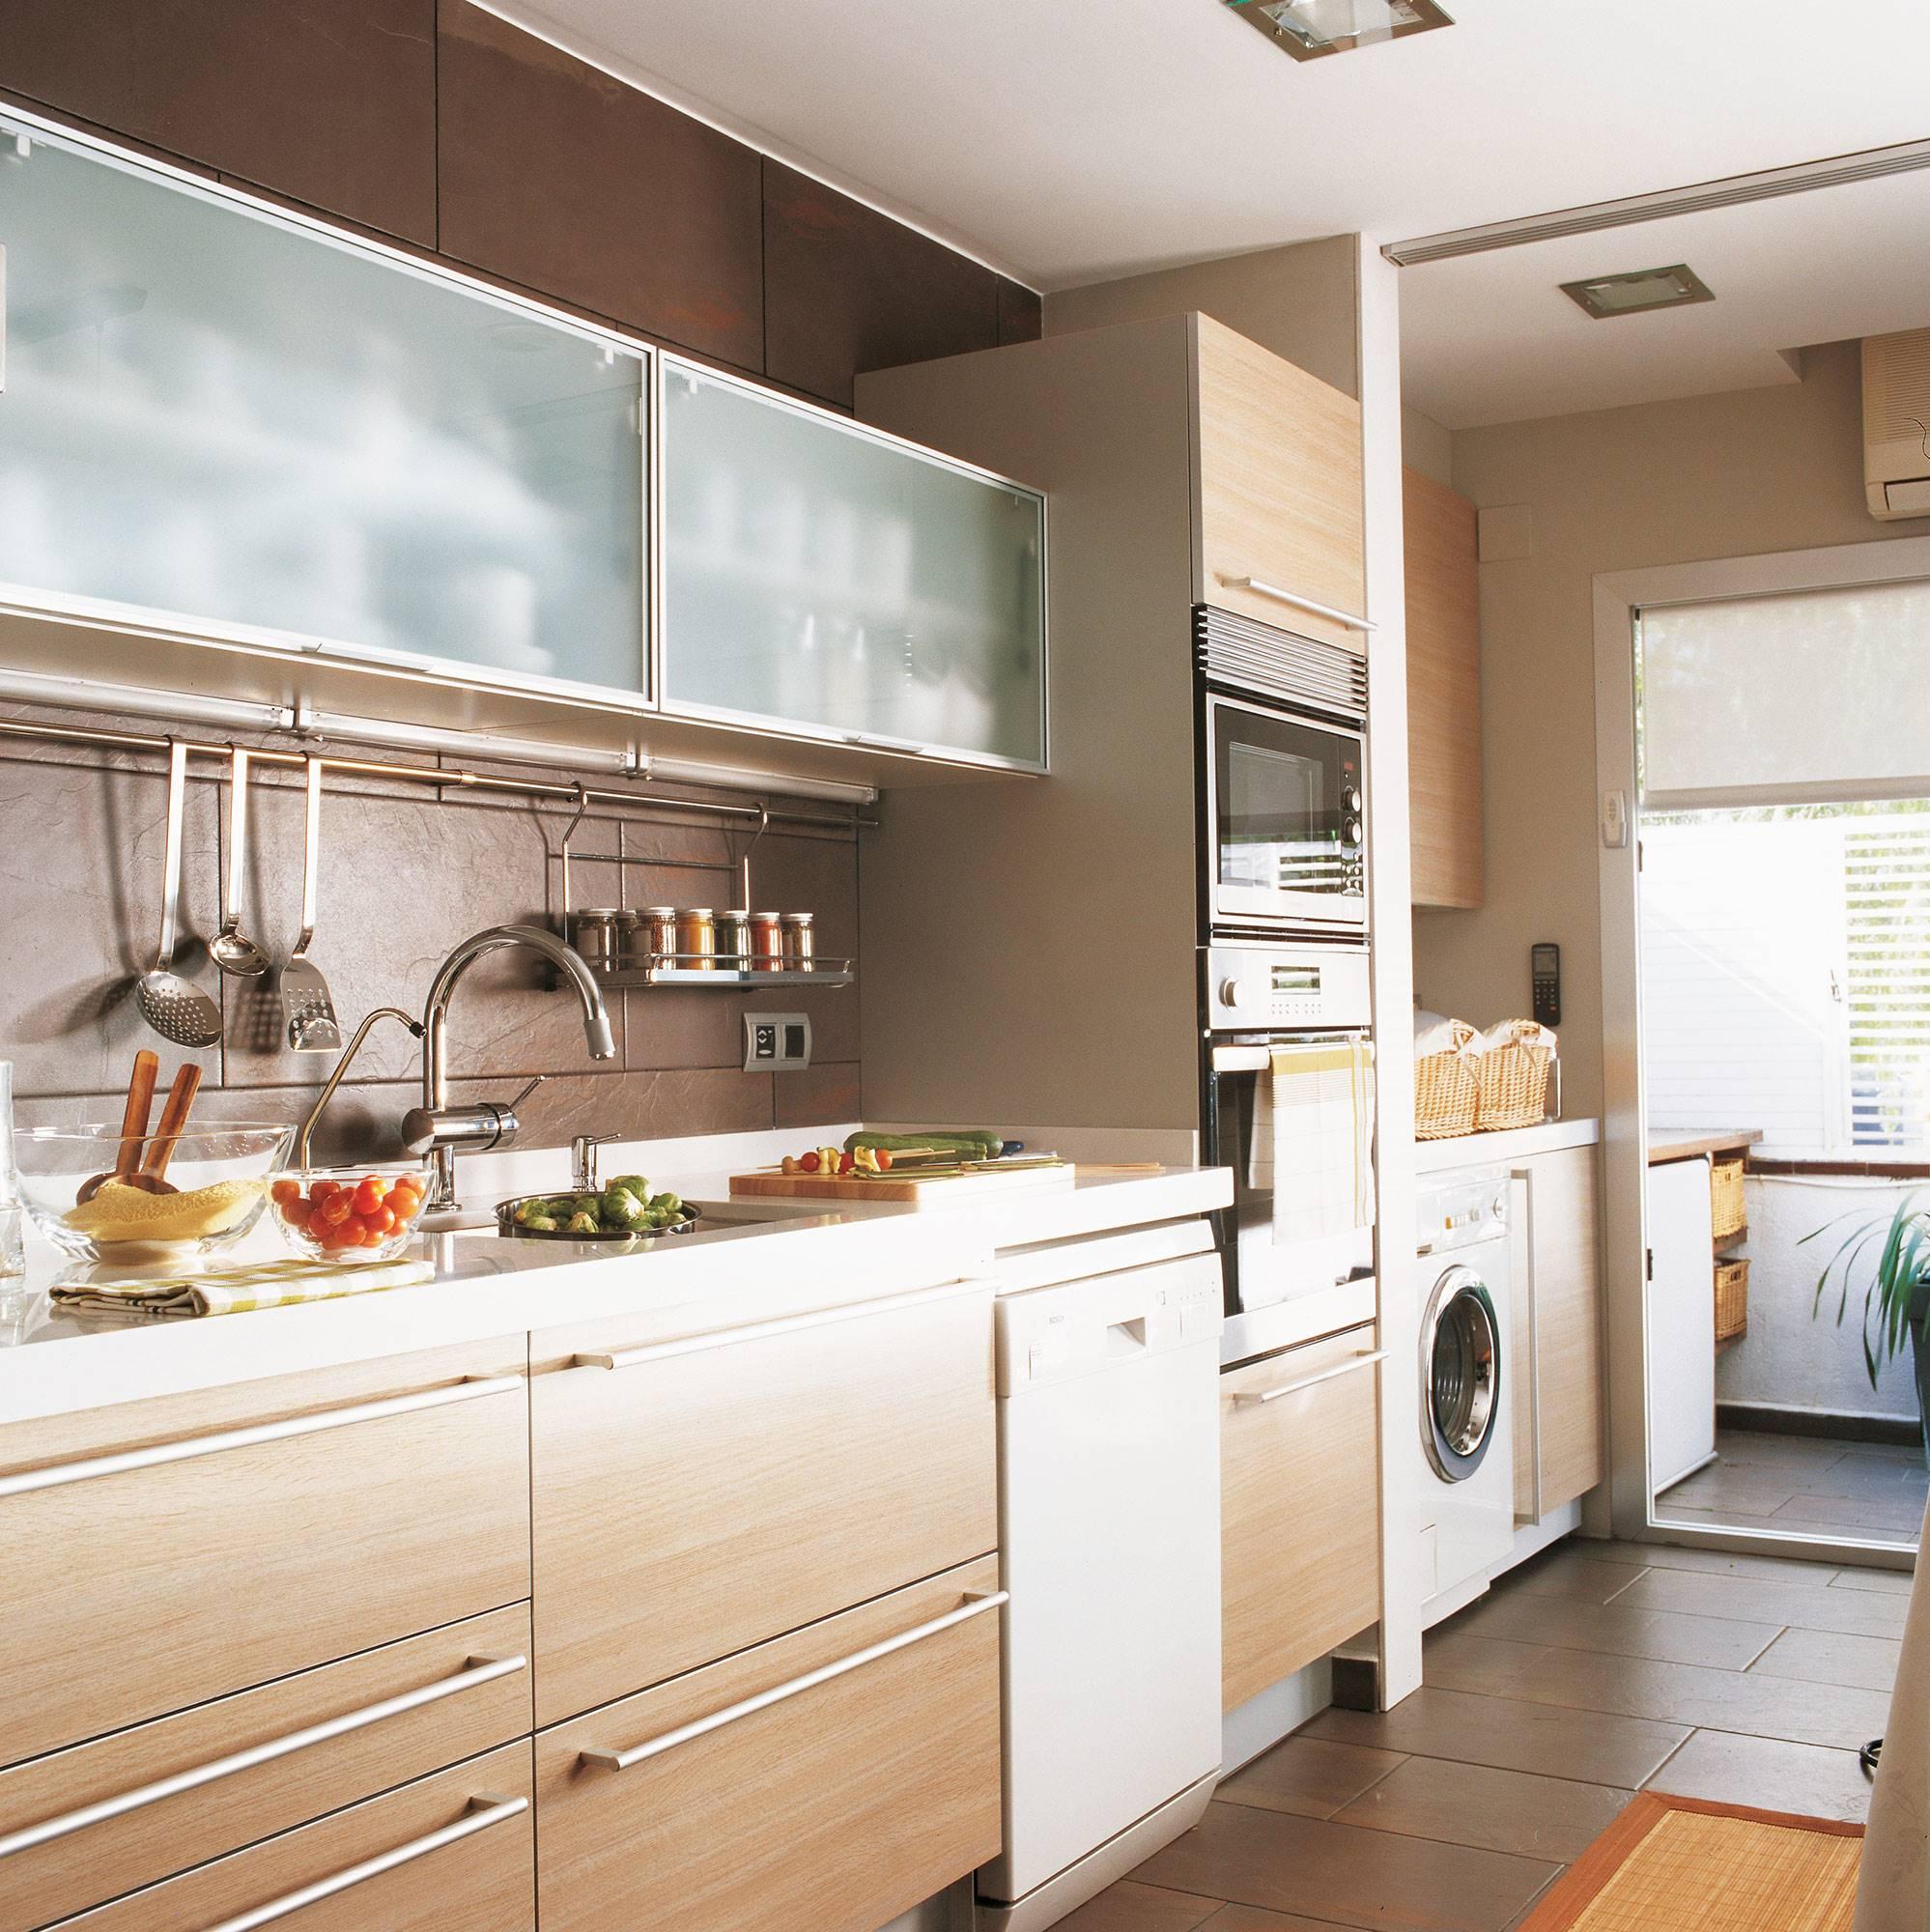 Ventajas y desventajas de la secadora for Muebles oficina baratos liquidacion por cierre